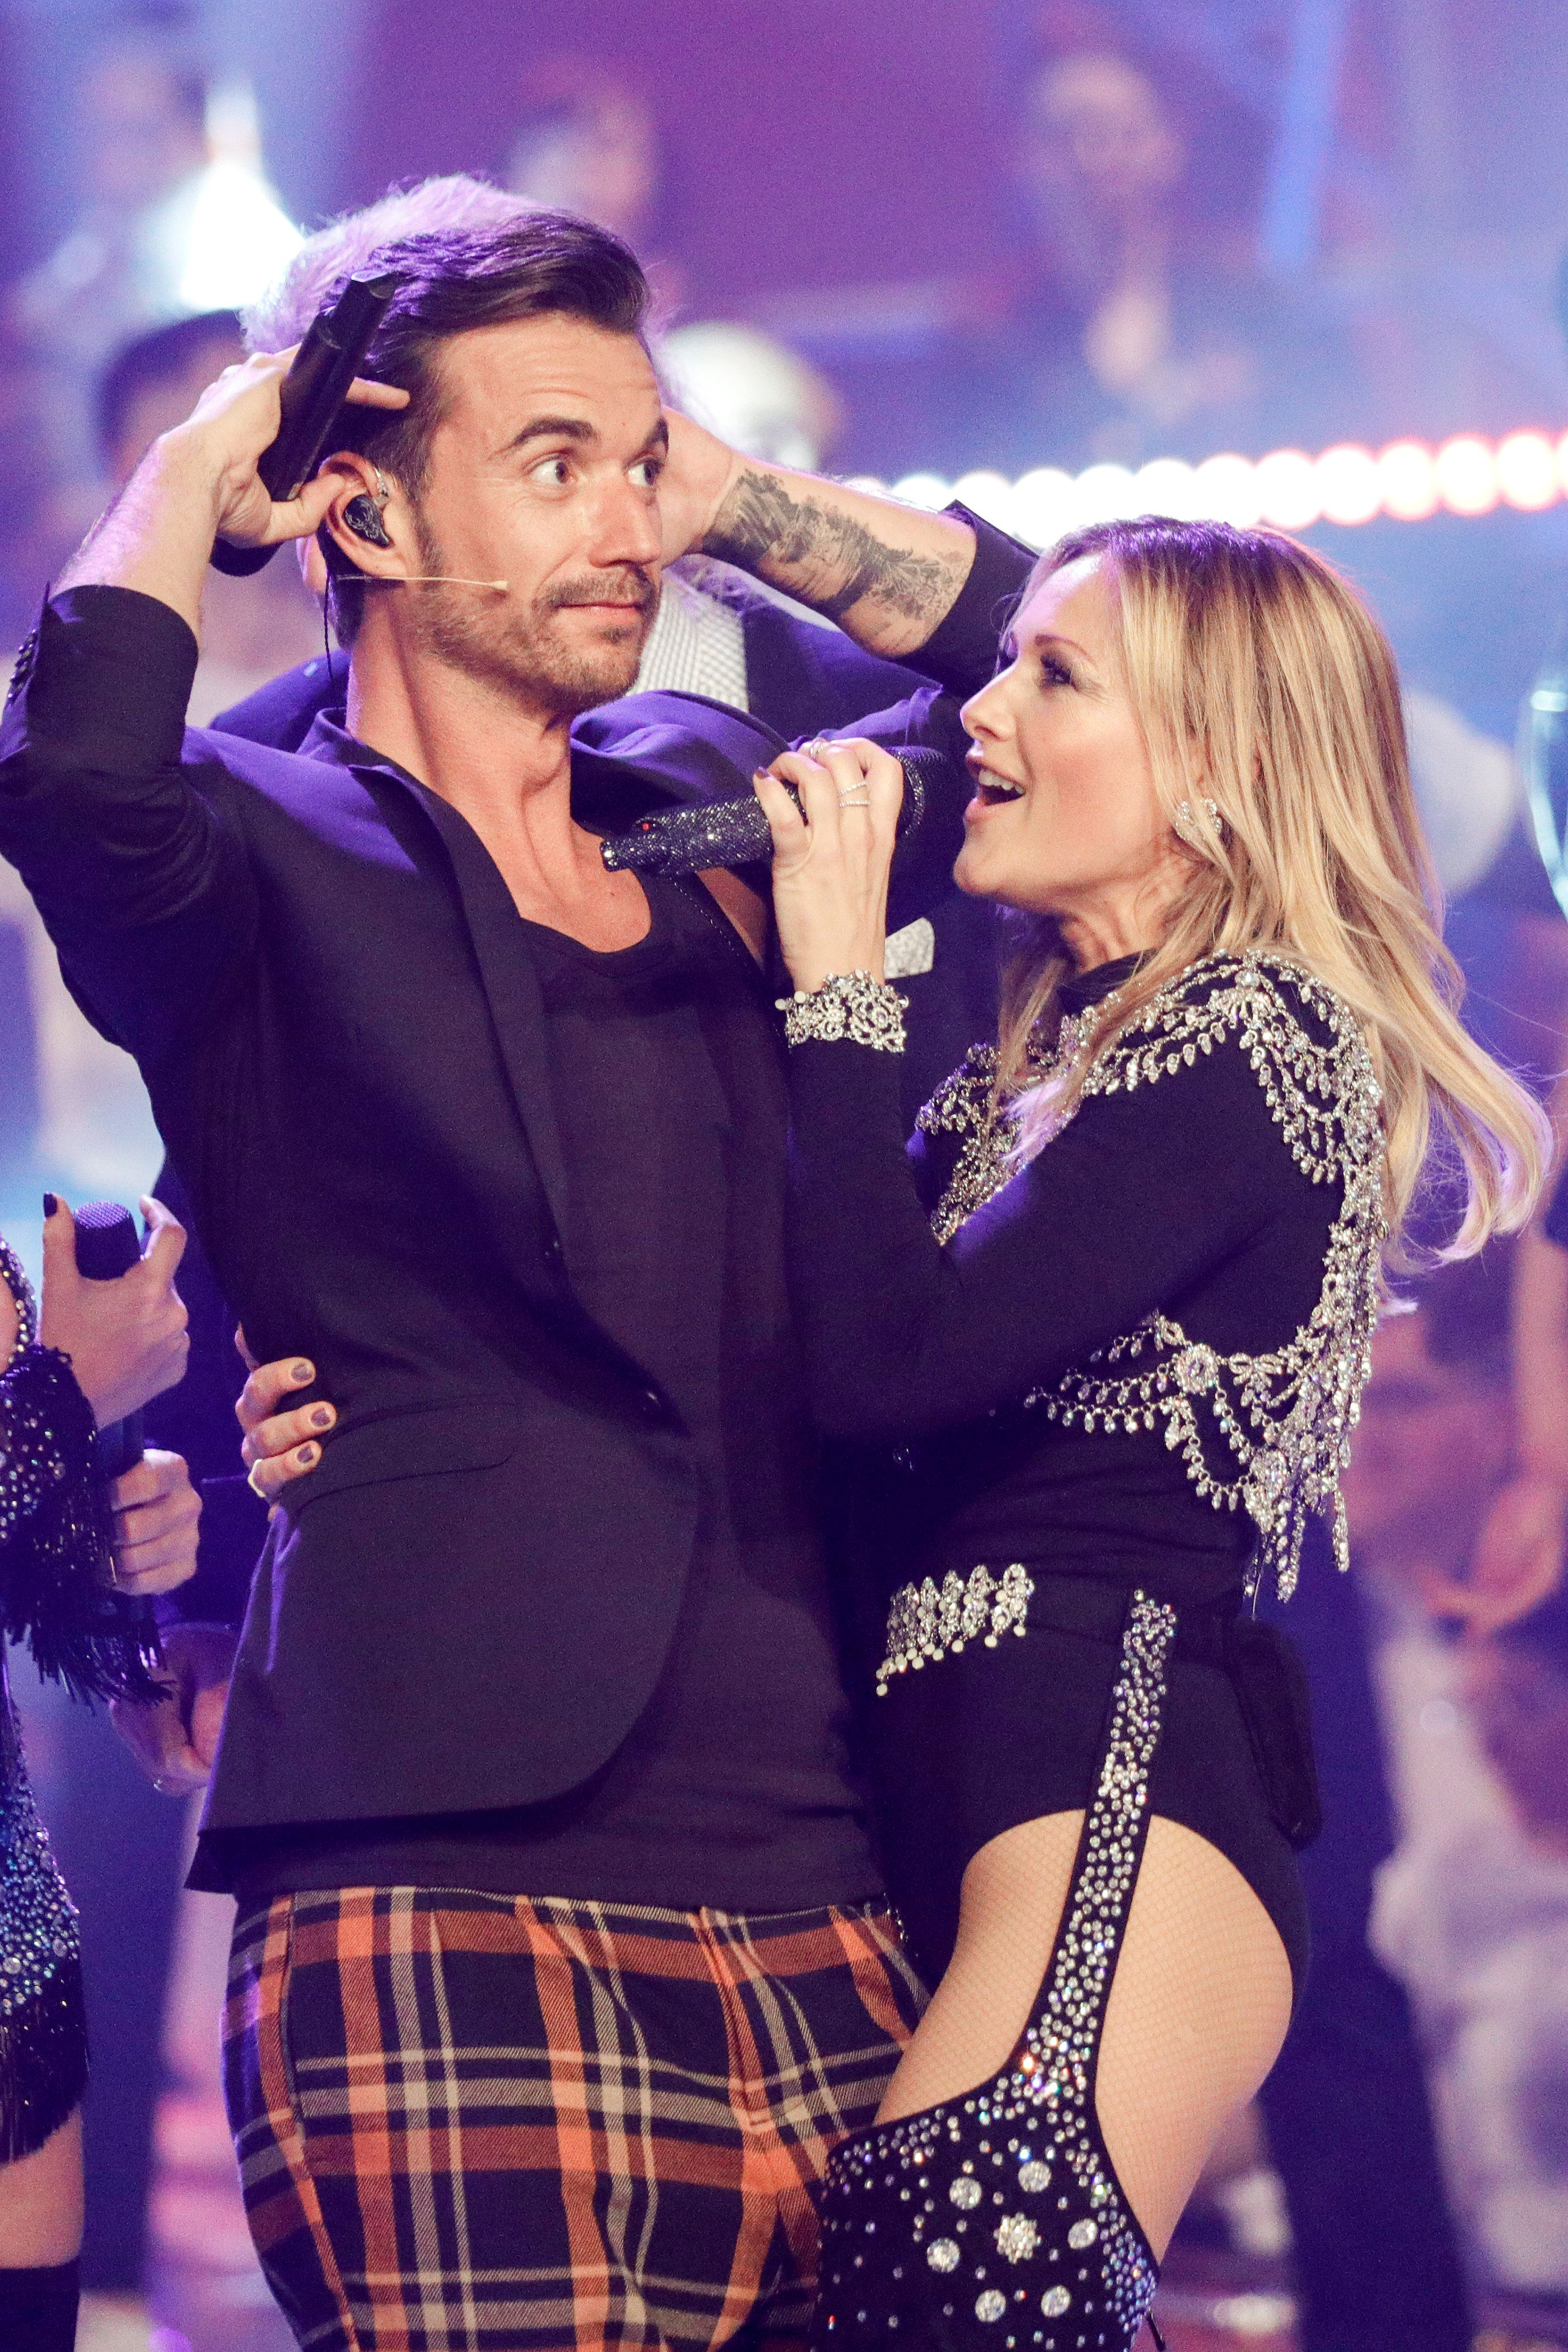 Damals war noch heile Welt: Florian Silbereisen und Helene Fischer bei einem gemeinsamen Auftritt im Sommer 2018.